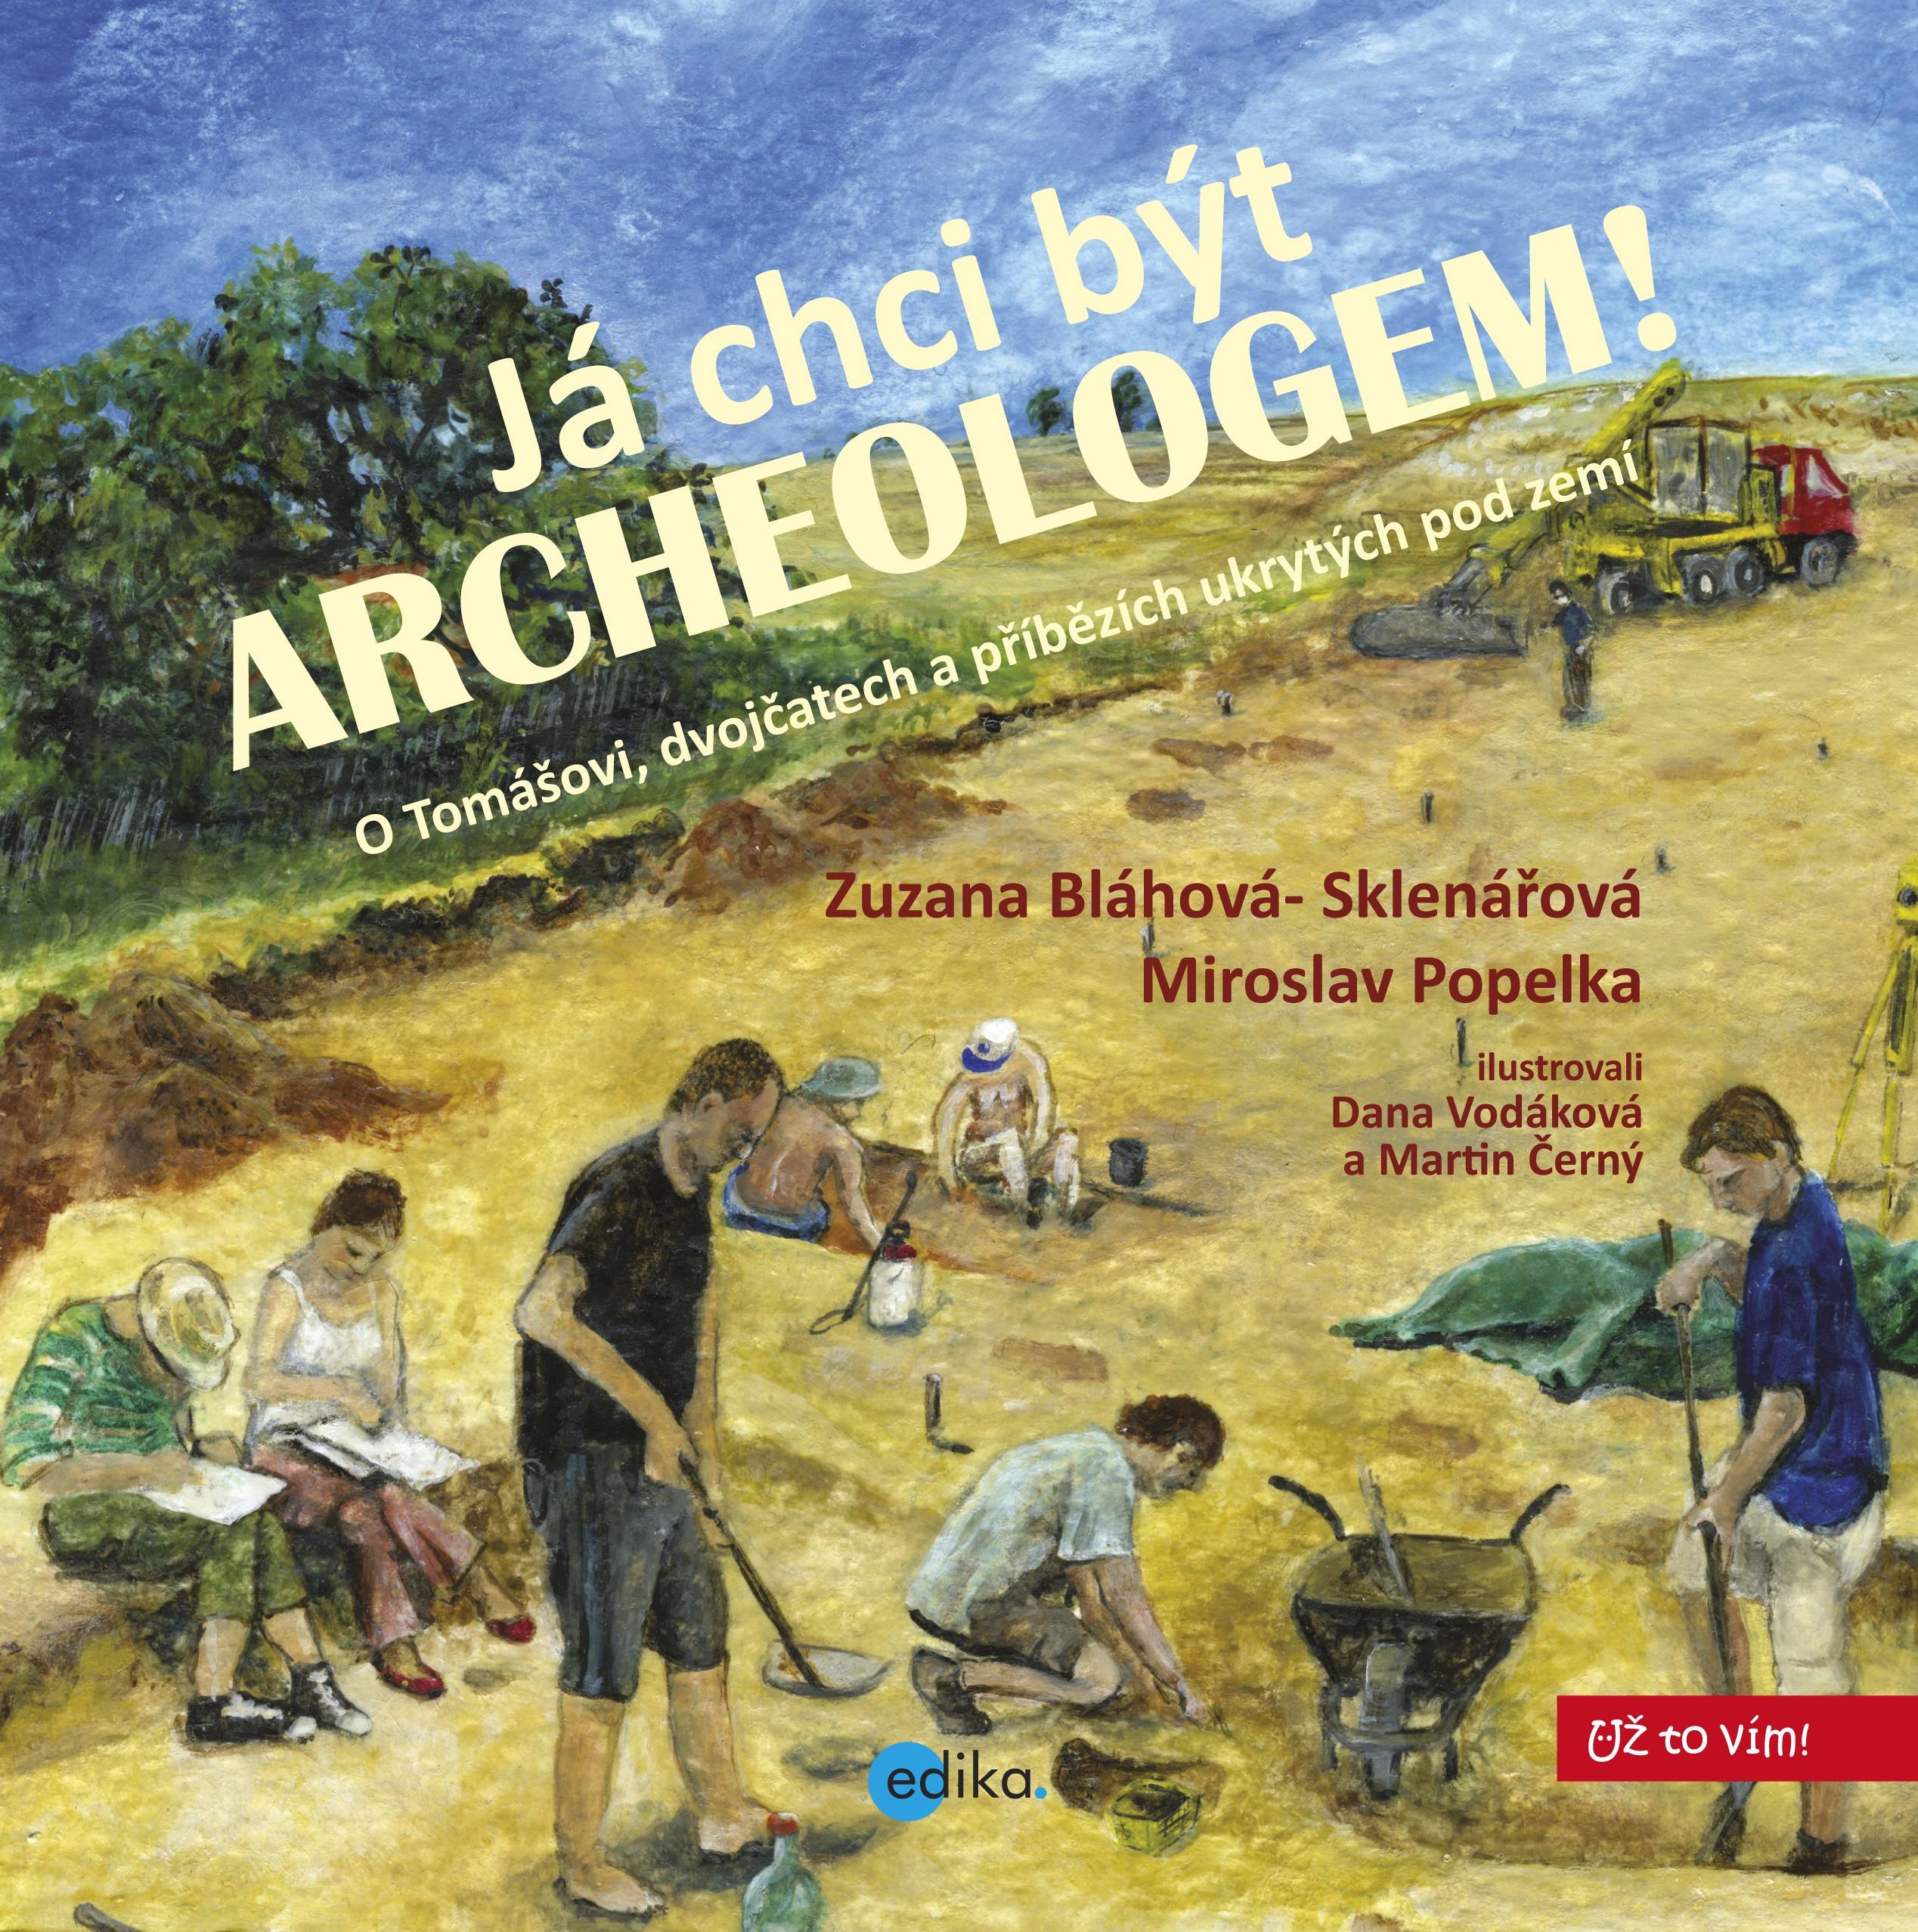 Já chci být archeologem! | Zuzana Sklenářová-Bláhová, Miroslav Popelka